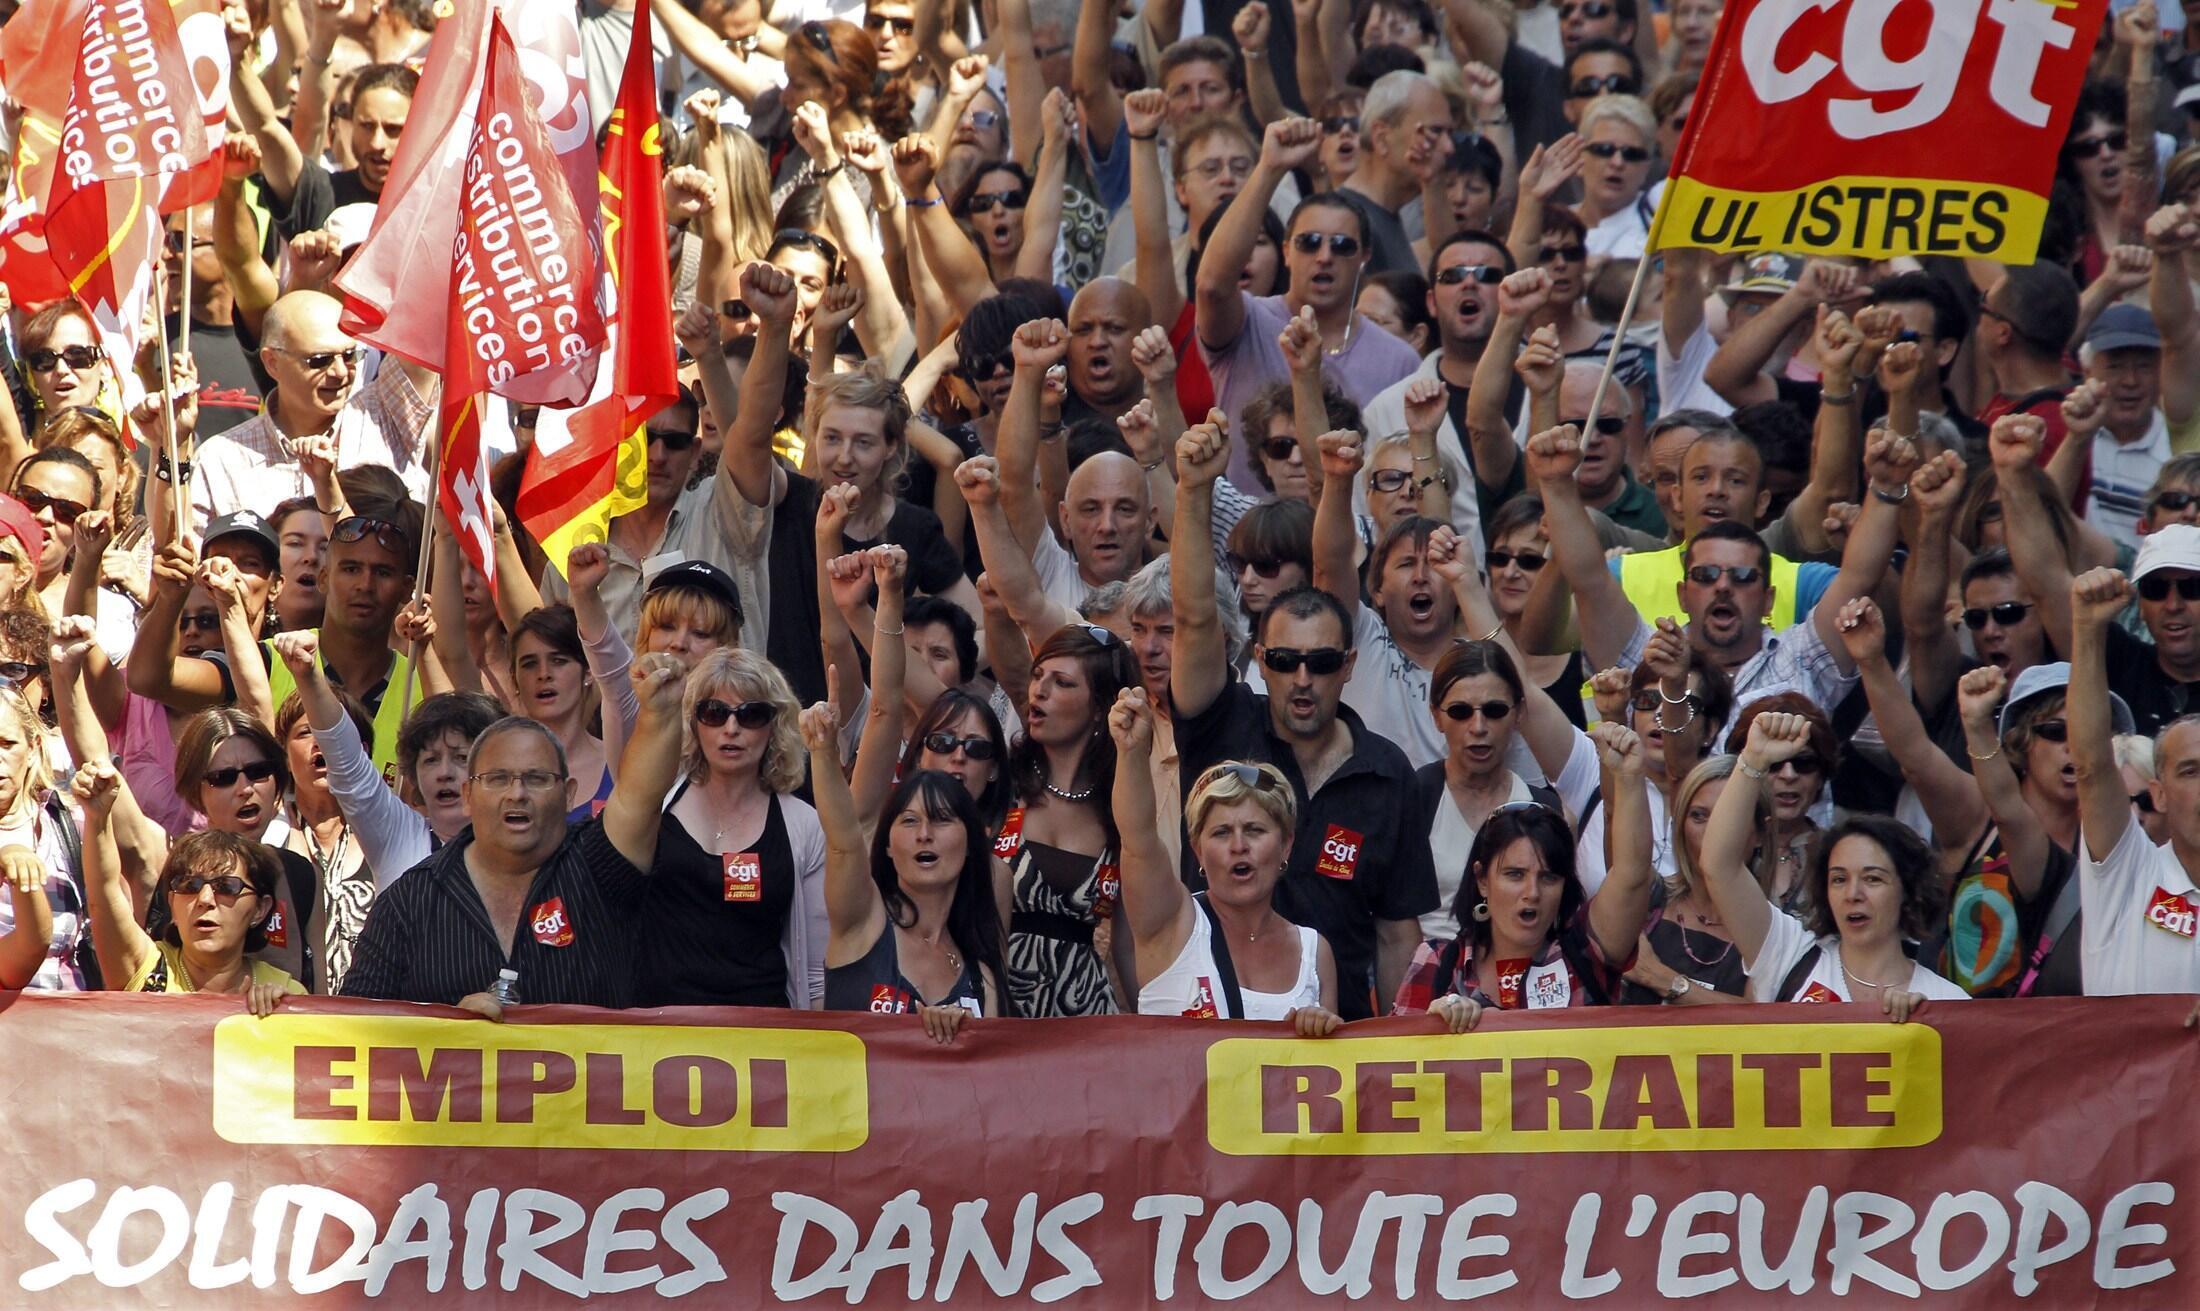 Biểu tình chống cải cách hưu trí tại Marseilles ngày 24/6/10.